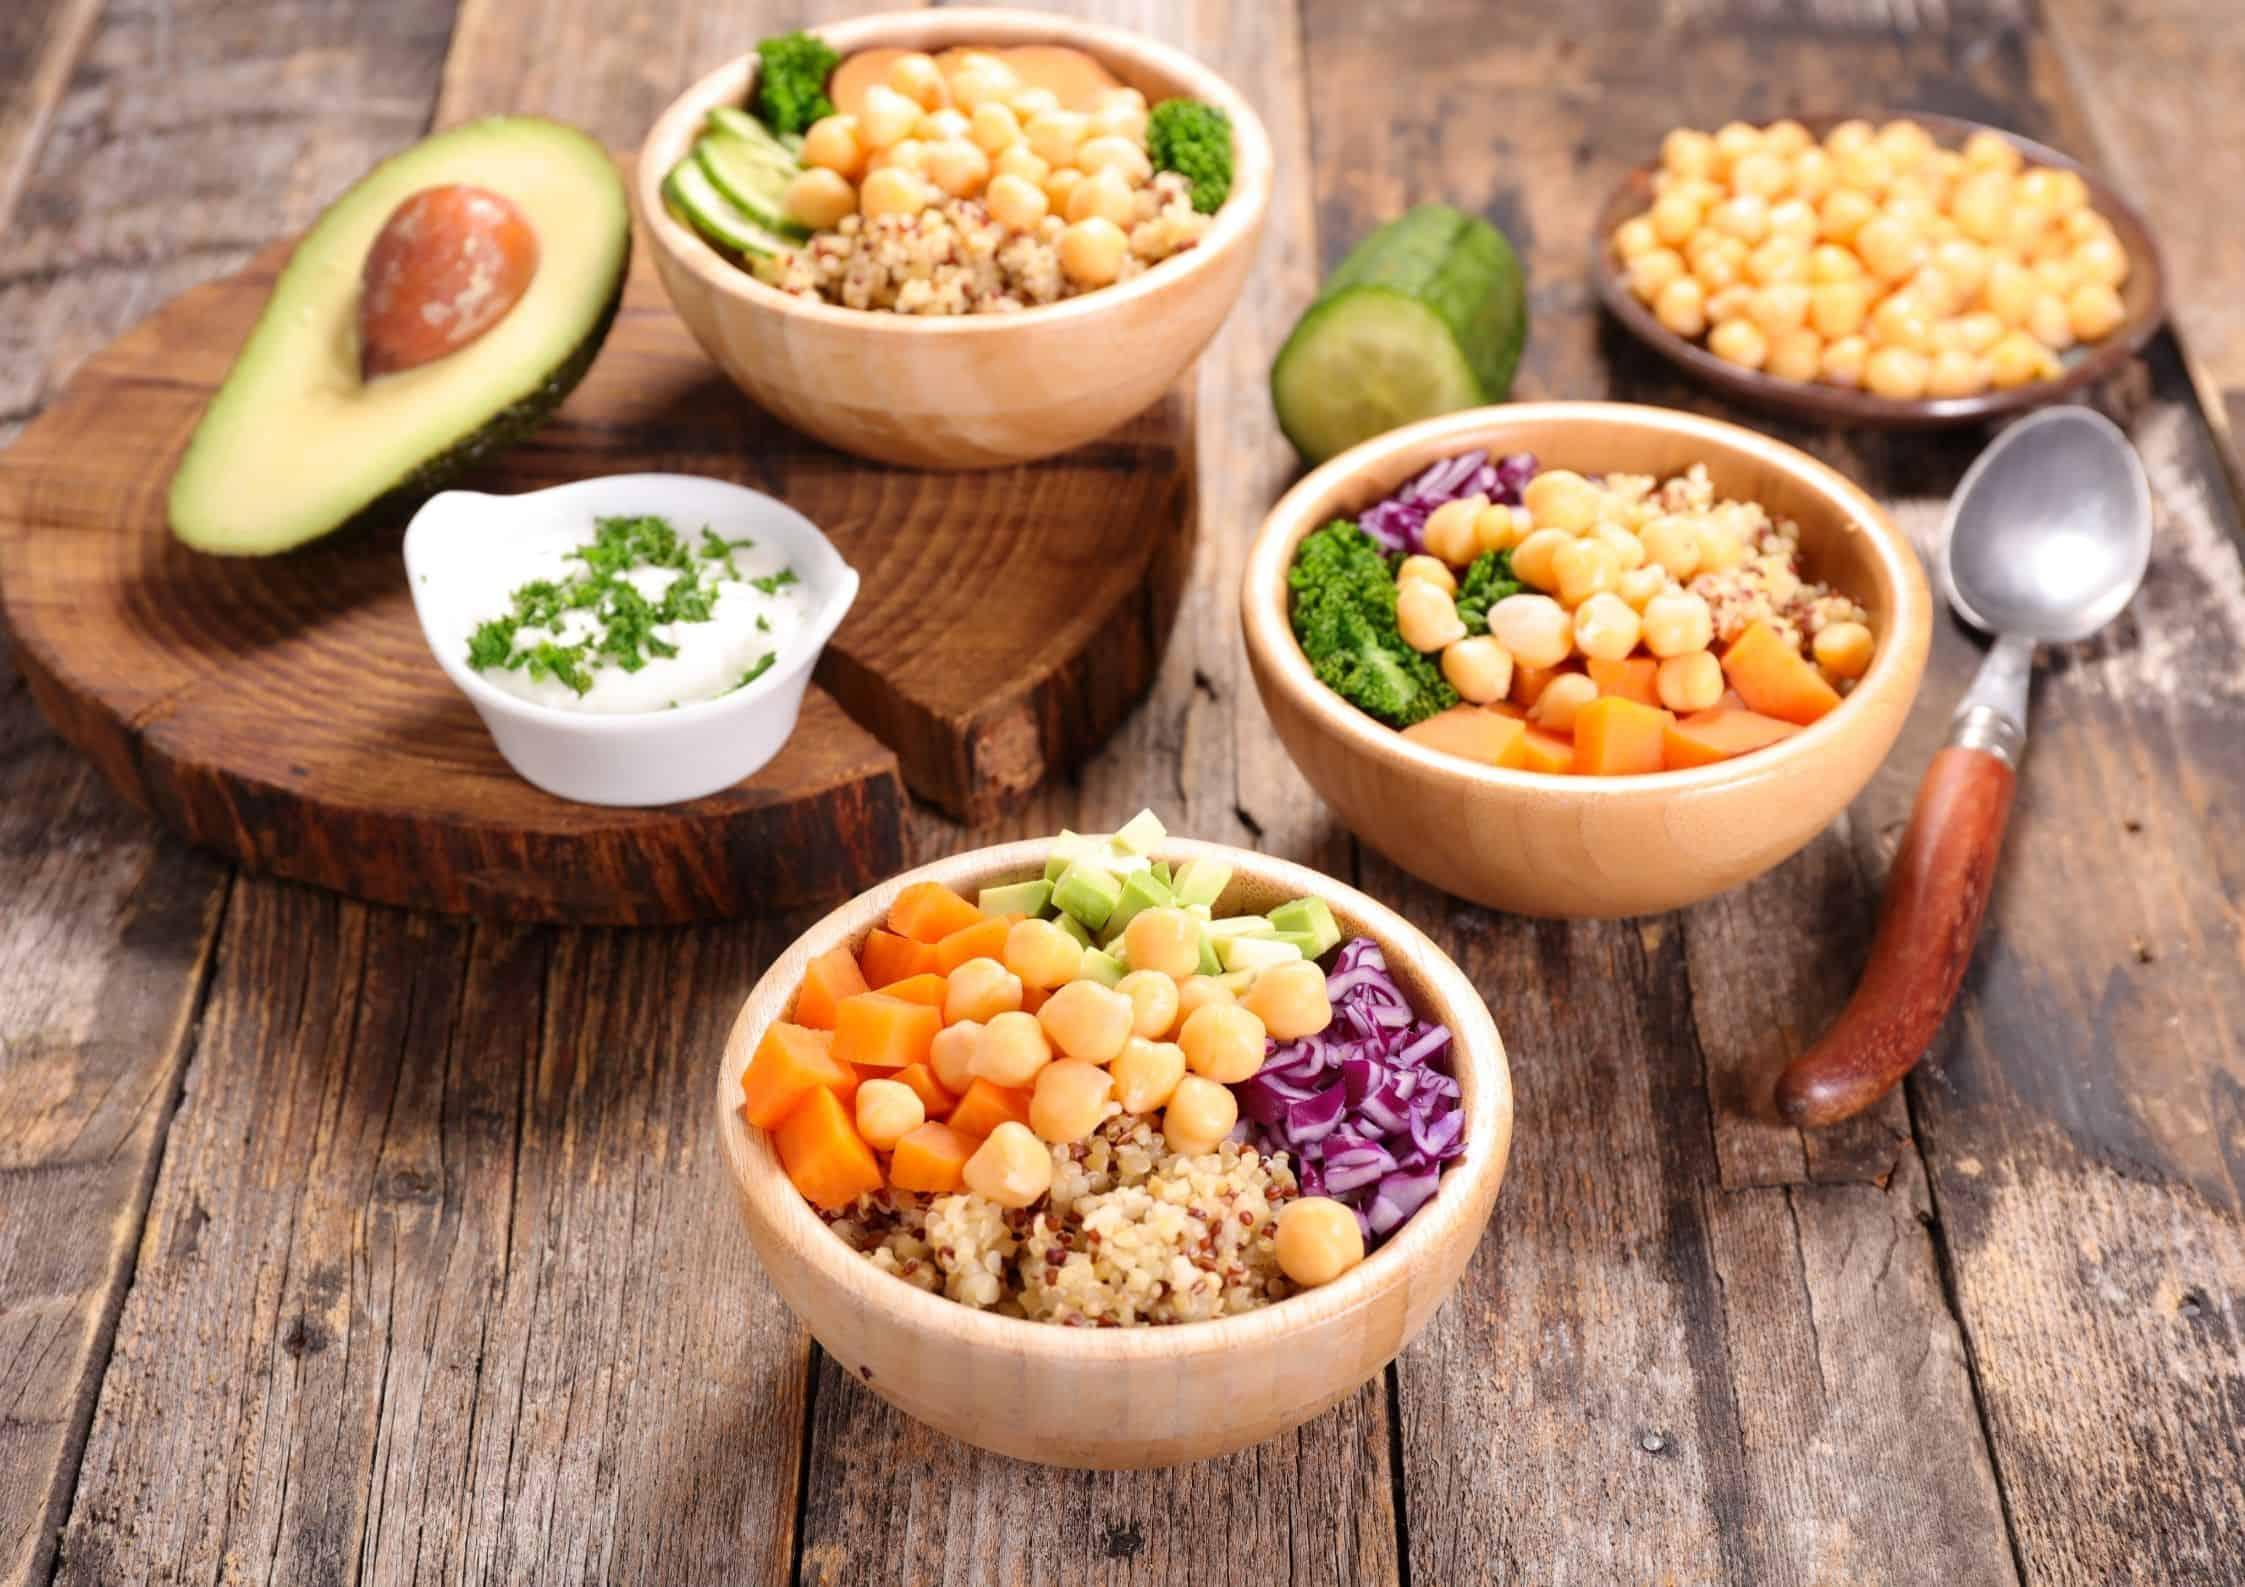 Mange små måltider på et bord